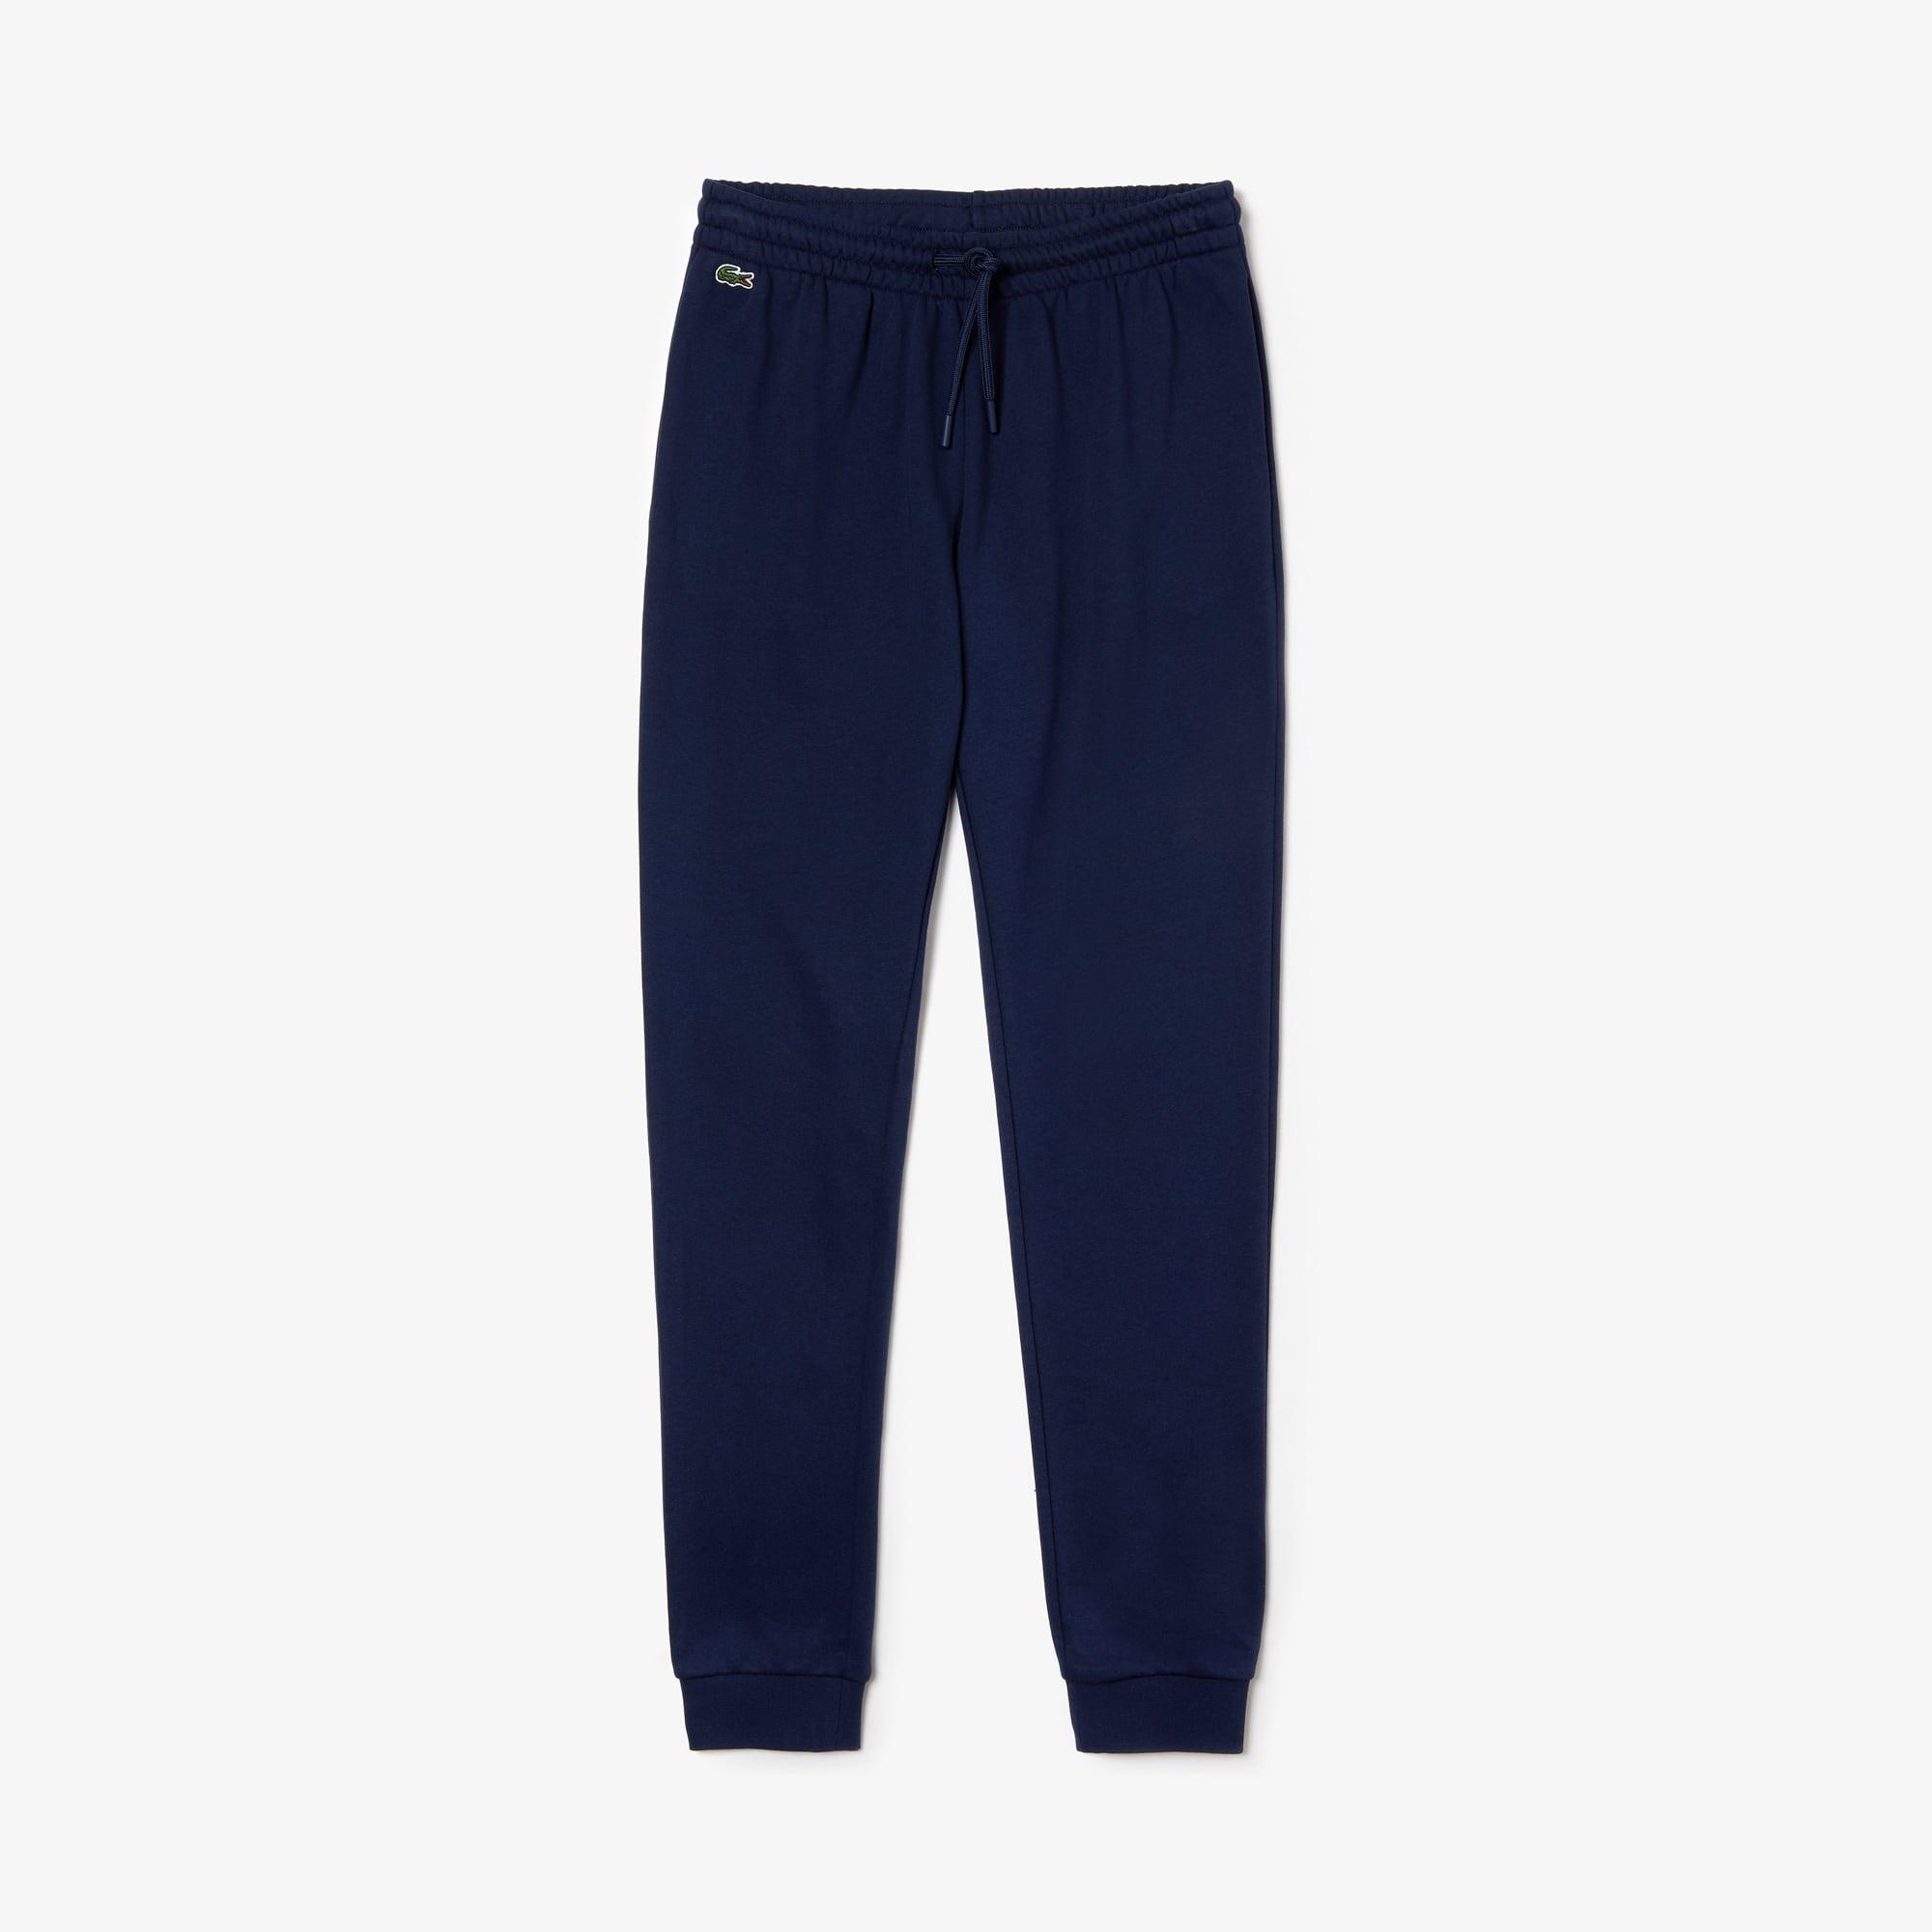 라코스테 스포츠 트랙 팬츠 Lacoste Womens SPORT Tennis Fleece Trackpants,navy blue